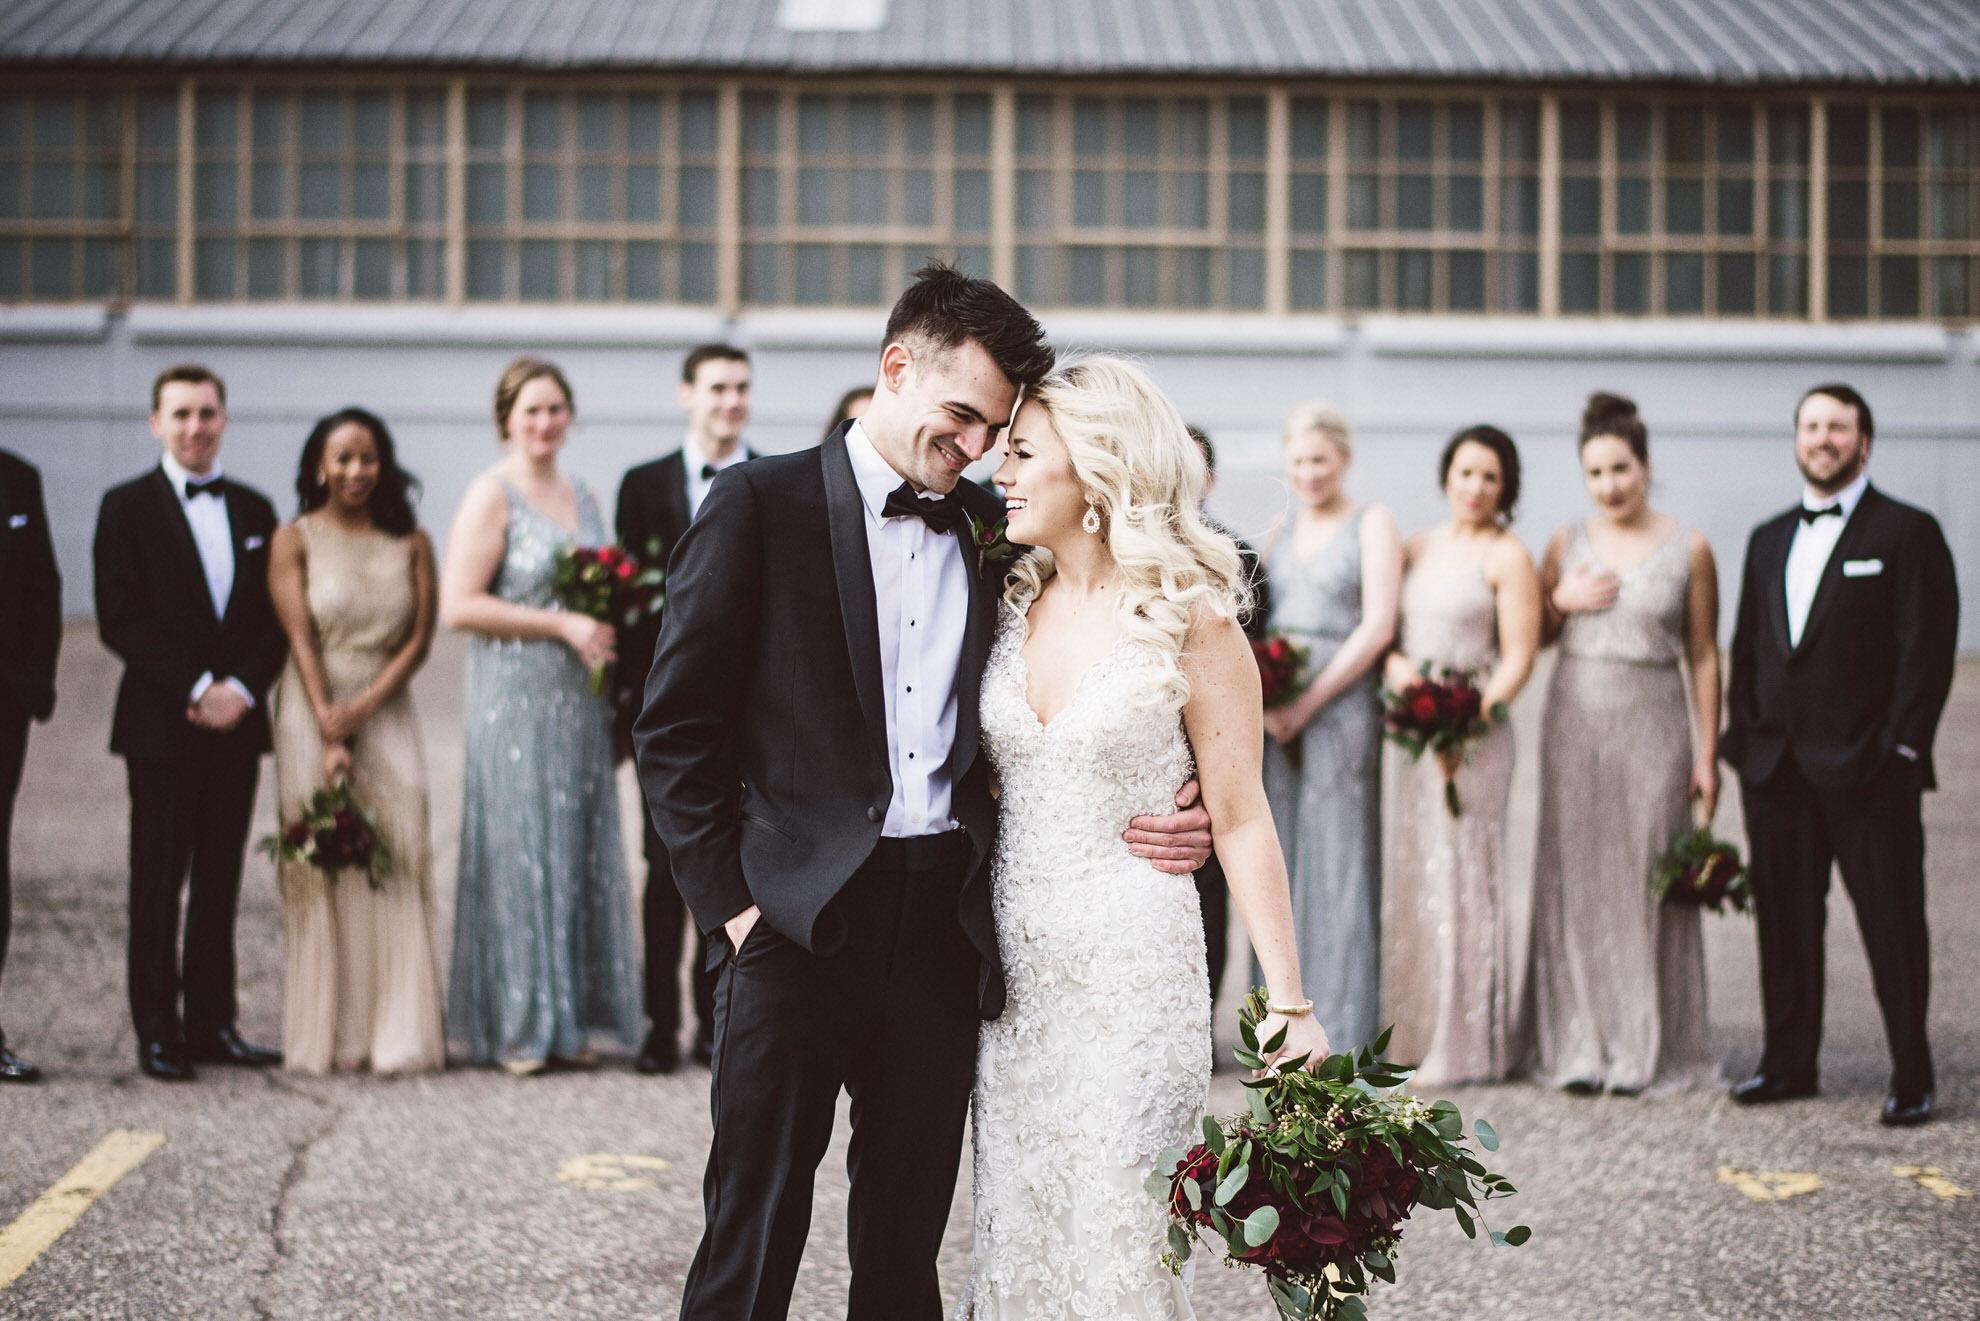 erika_Alex_wedding_by_lucas_botz_photography_0230.jpg